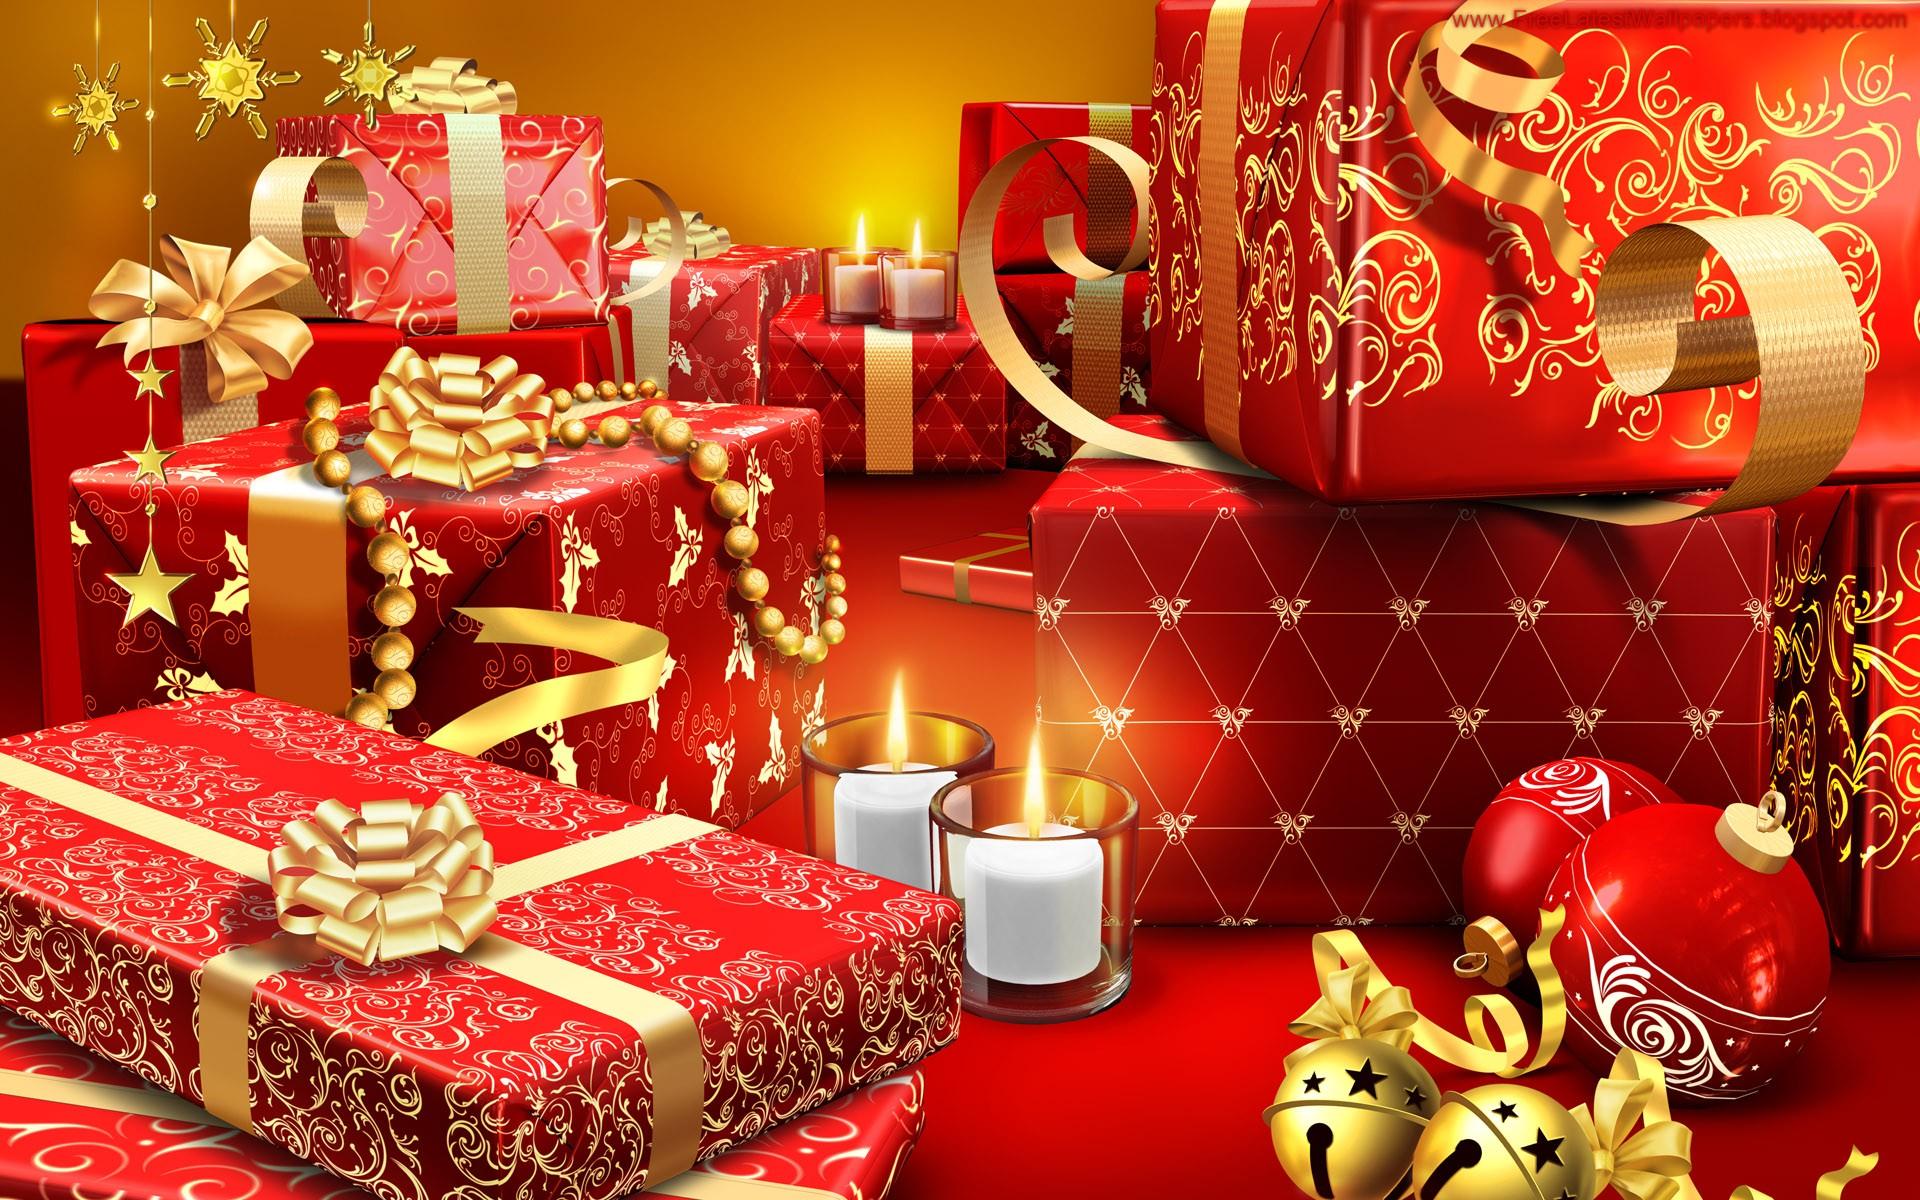 Como decorar cajas para regalos en navidad - 1920x1200